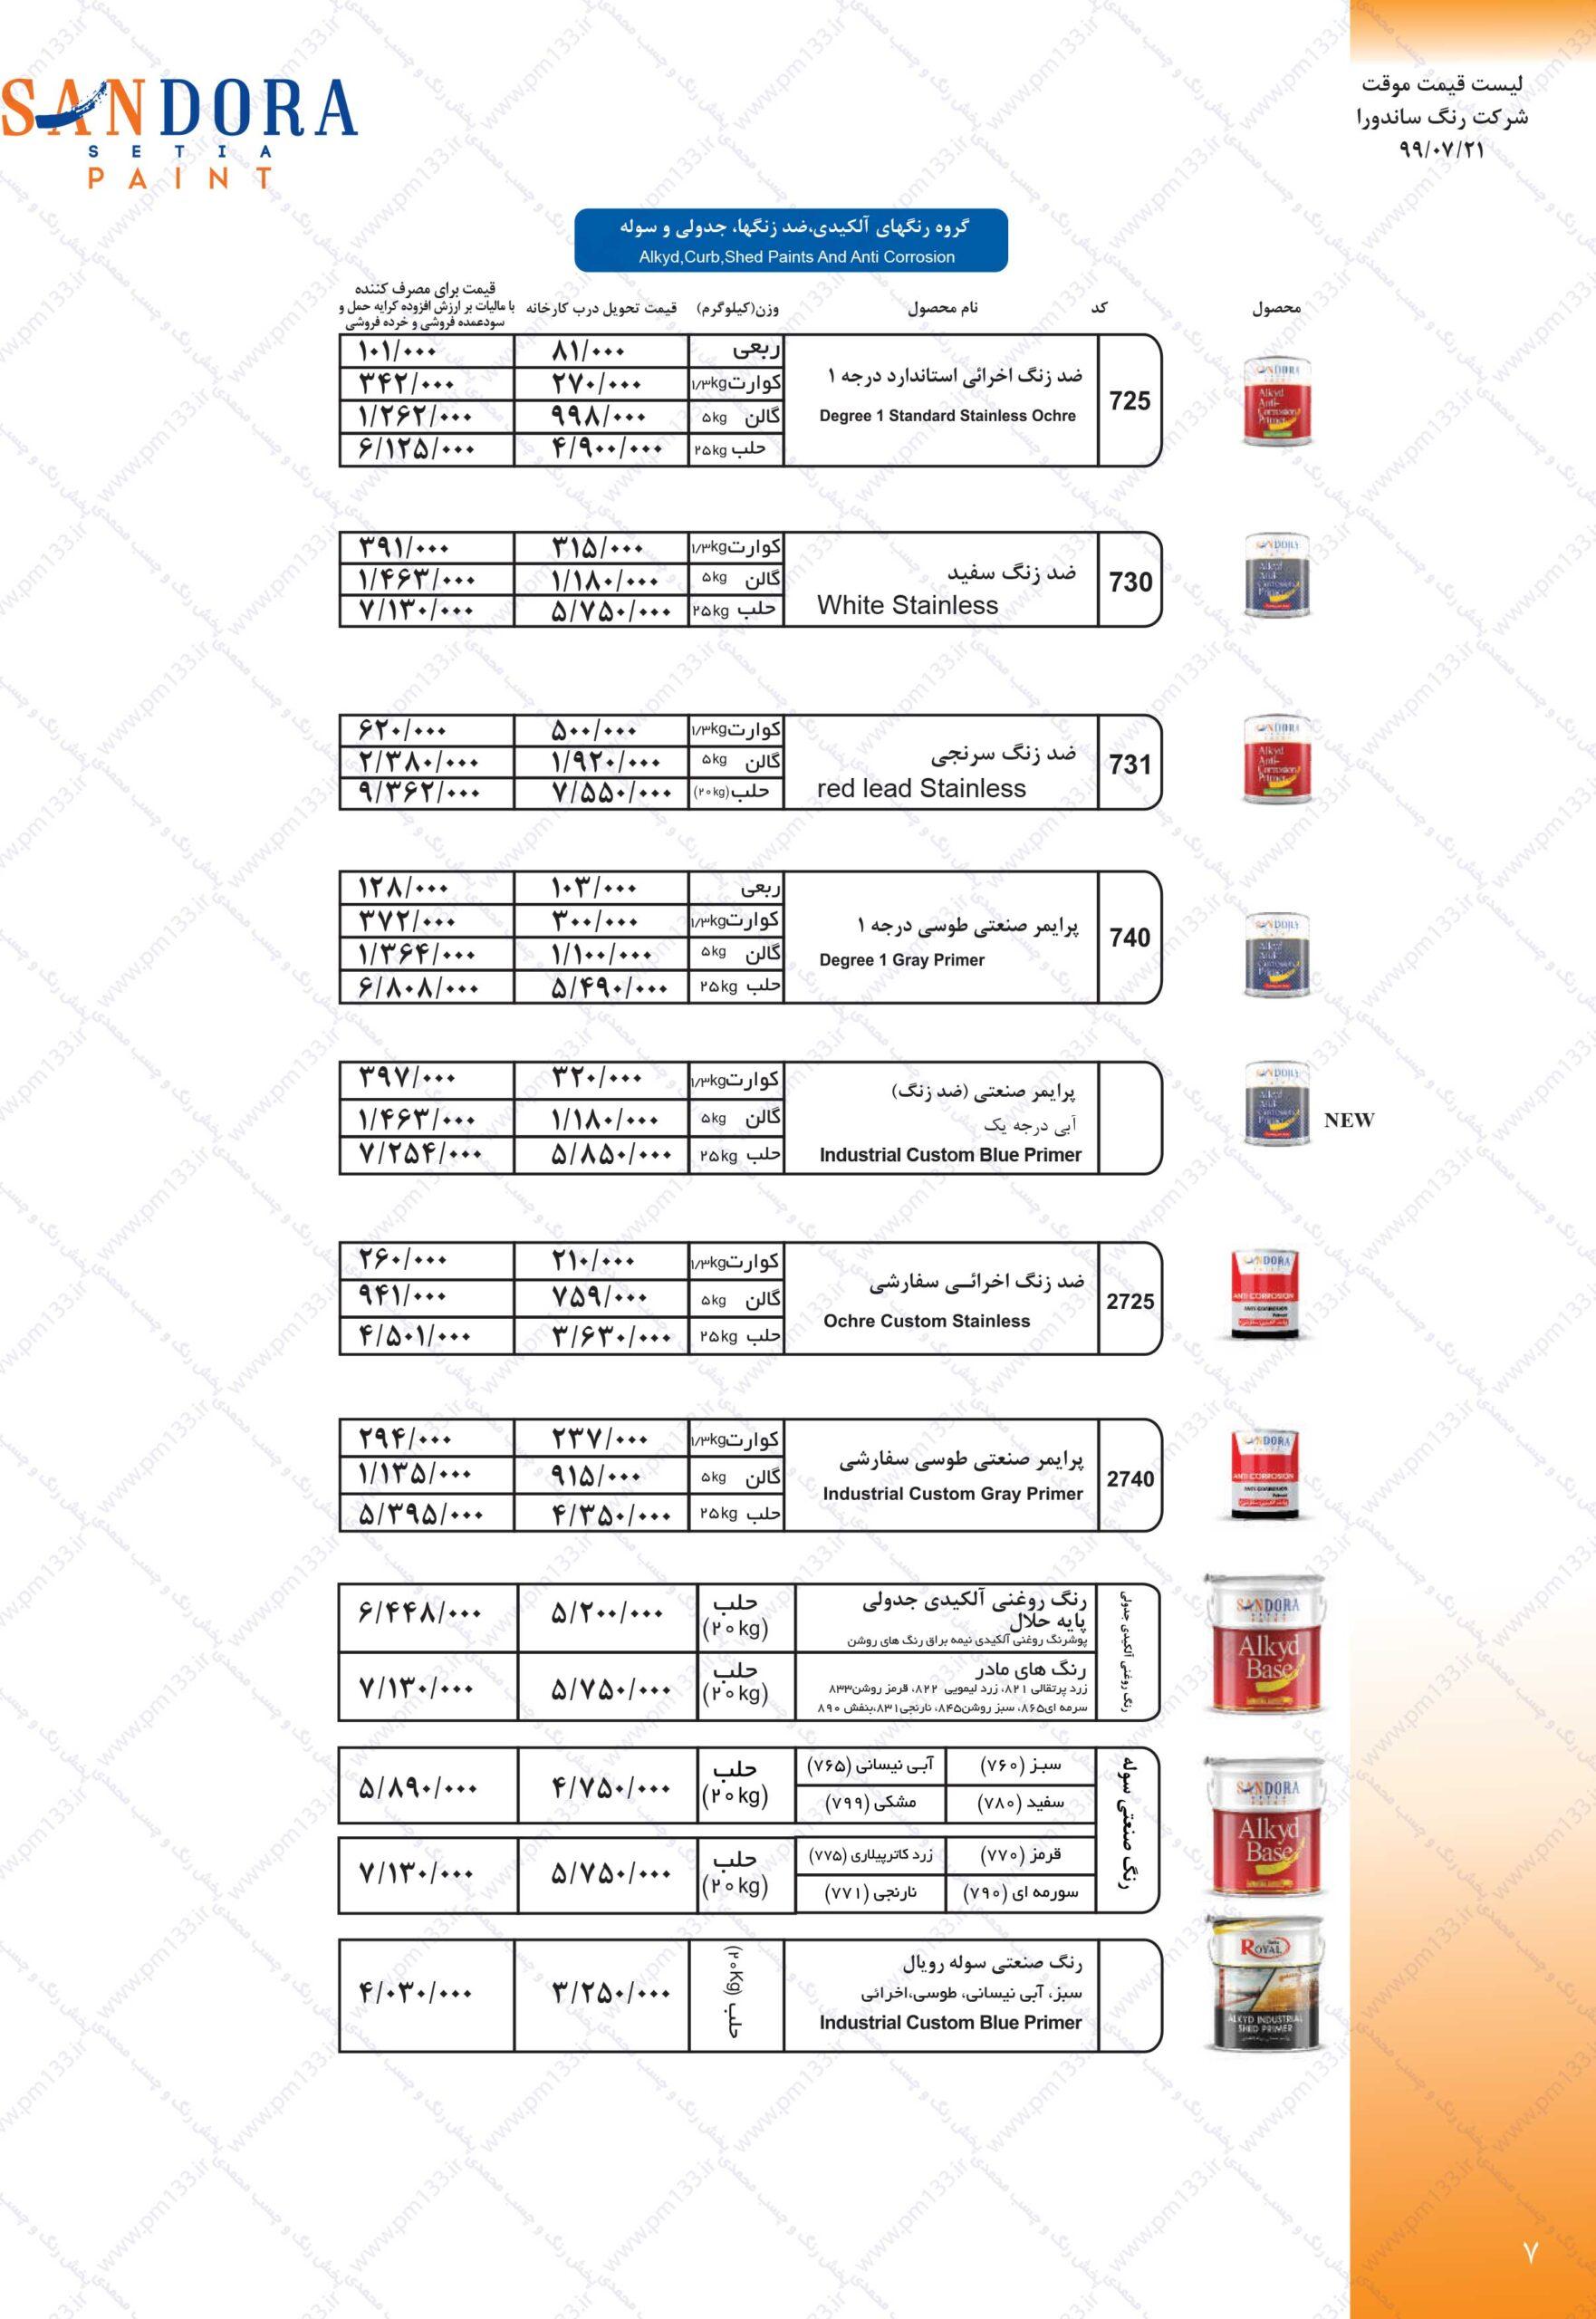 ساندورا لیست قیمت رنگ ساندورا21-07-99 صفحه هفتم